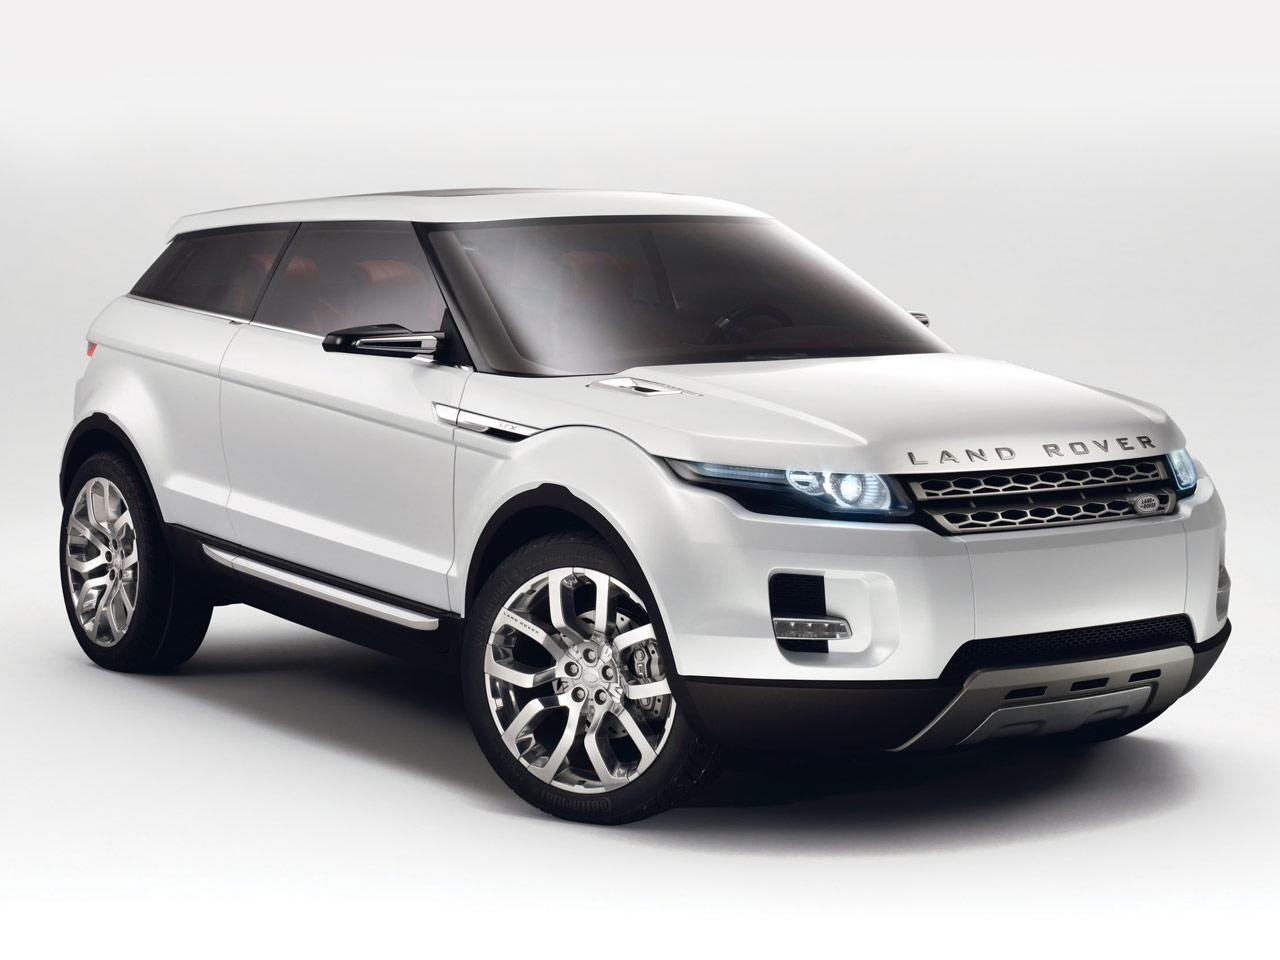 White polystyrene vehicles